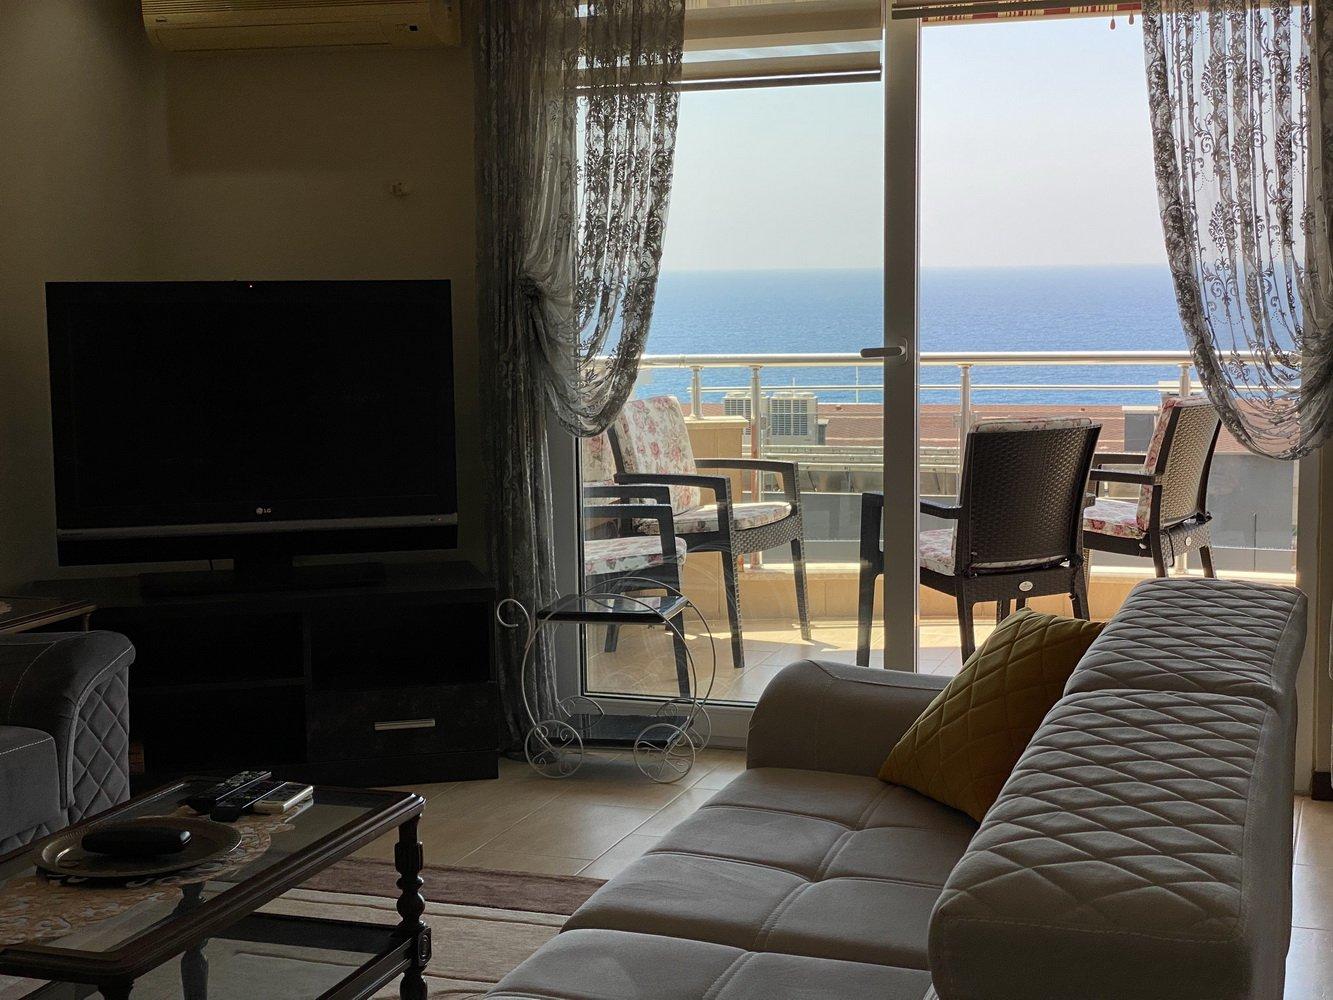 Трехкомнатная квартира на высоком этаже с красивым панорамным видом на море